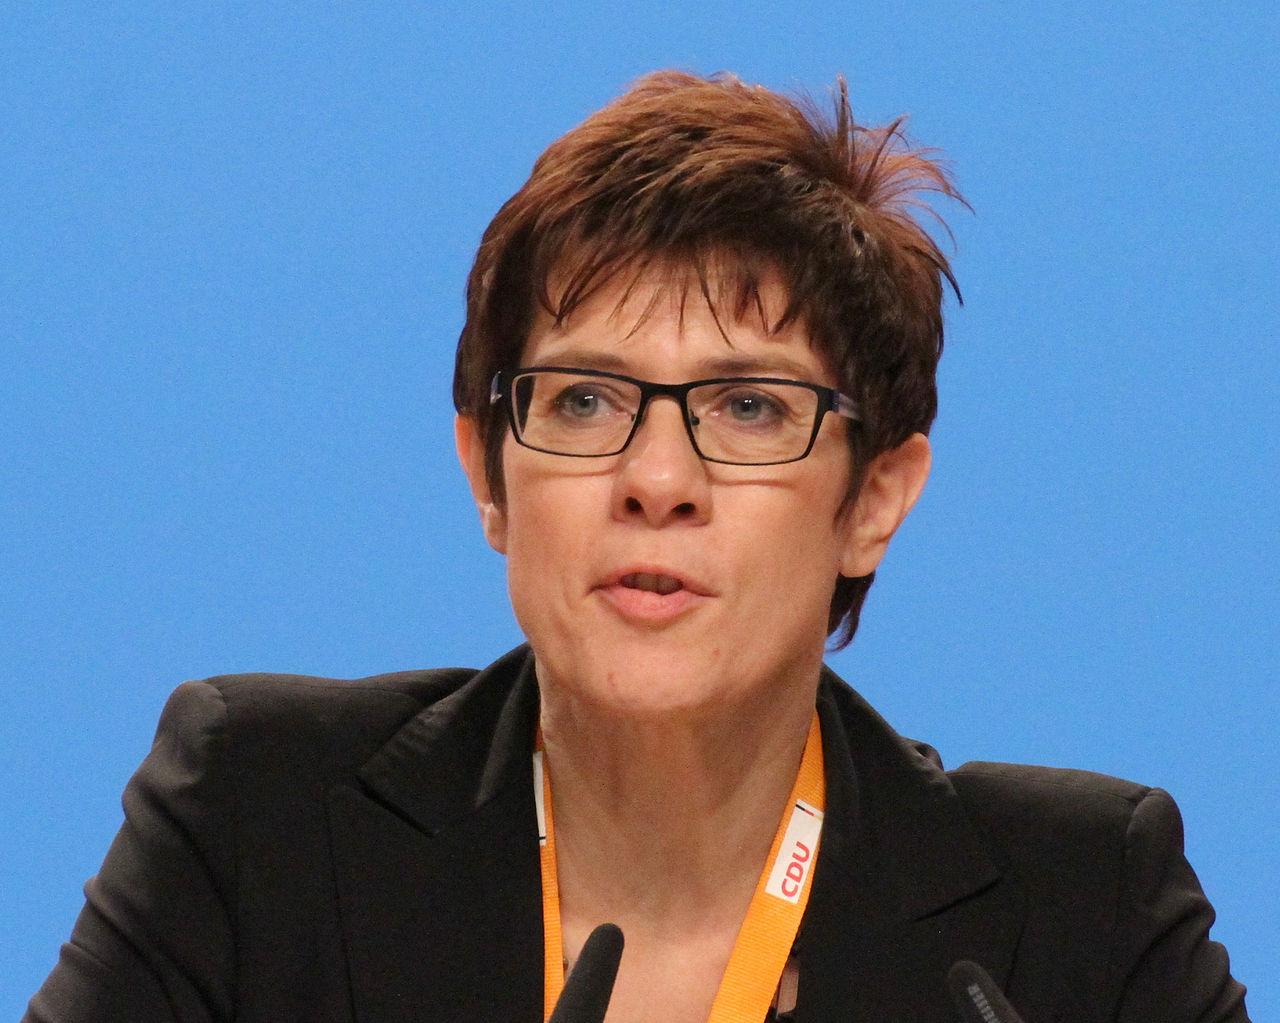 Kramp-Karrenbauer CDU Parteitag 2014 by Olaf Kosinsky-4.jpg